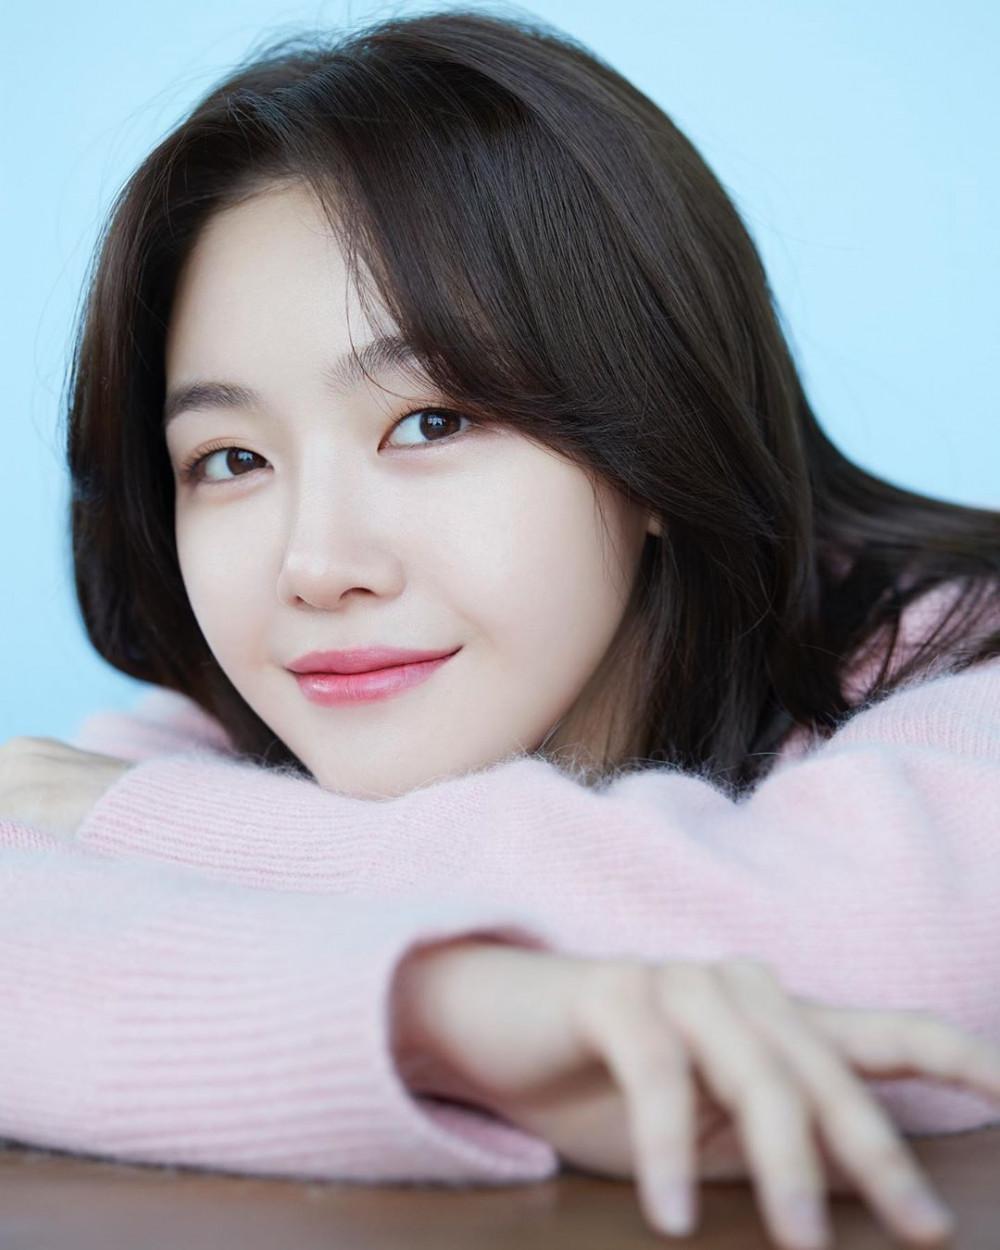 Vẻ đẹp trong sáng của cô nàng Min Ah.